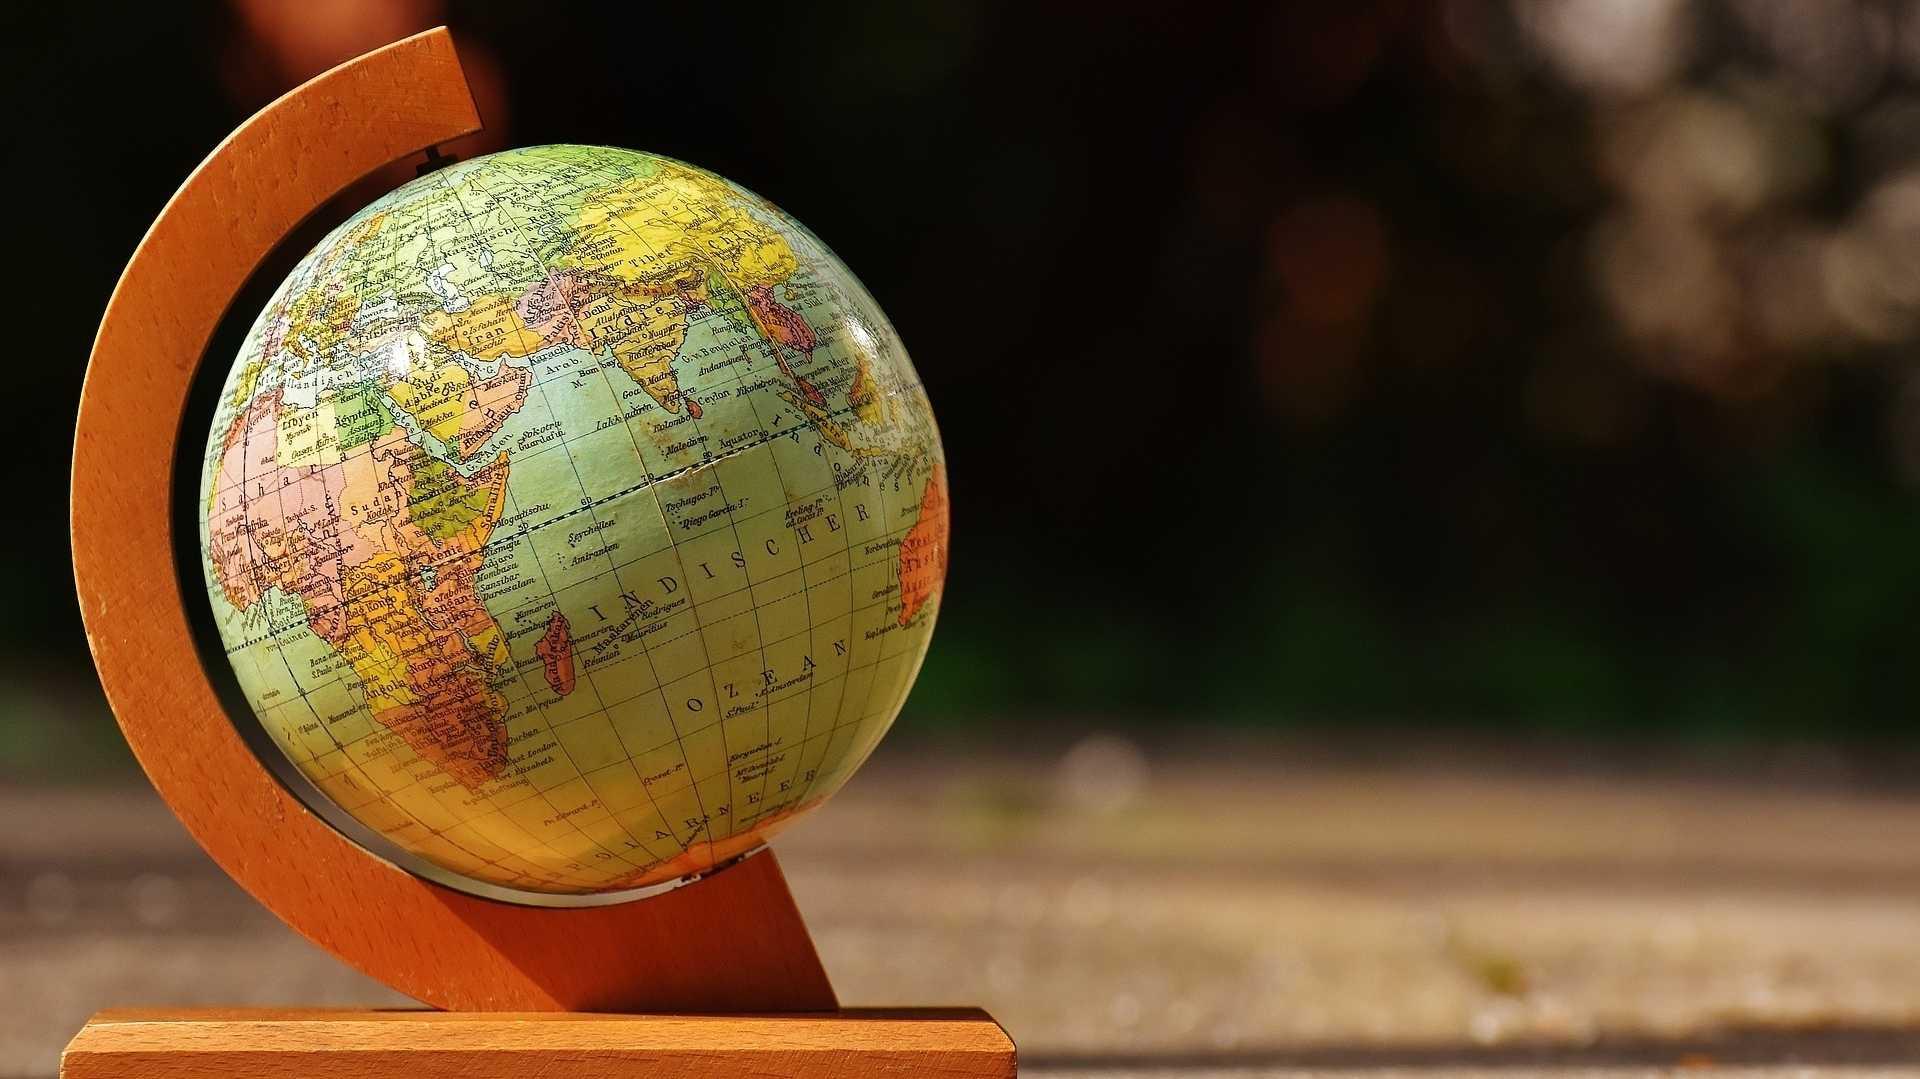 Studie: YouTube verantwortlich für Verbreitung von Flat-Earth-Theorie